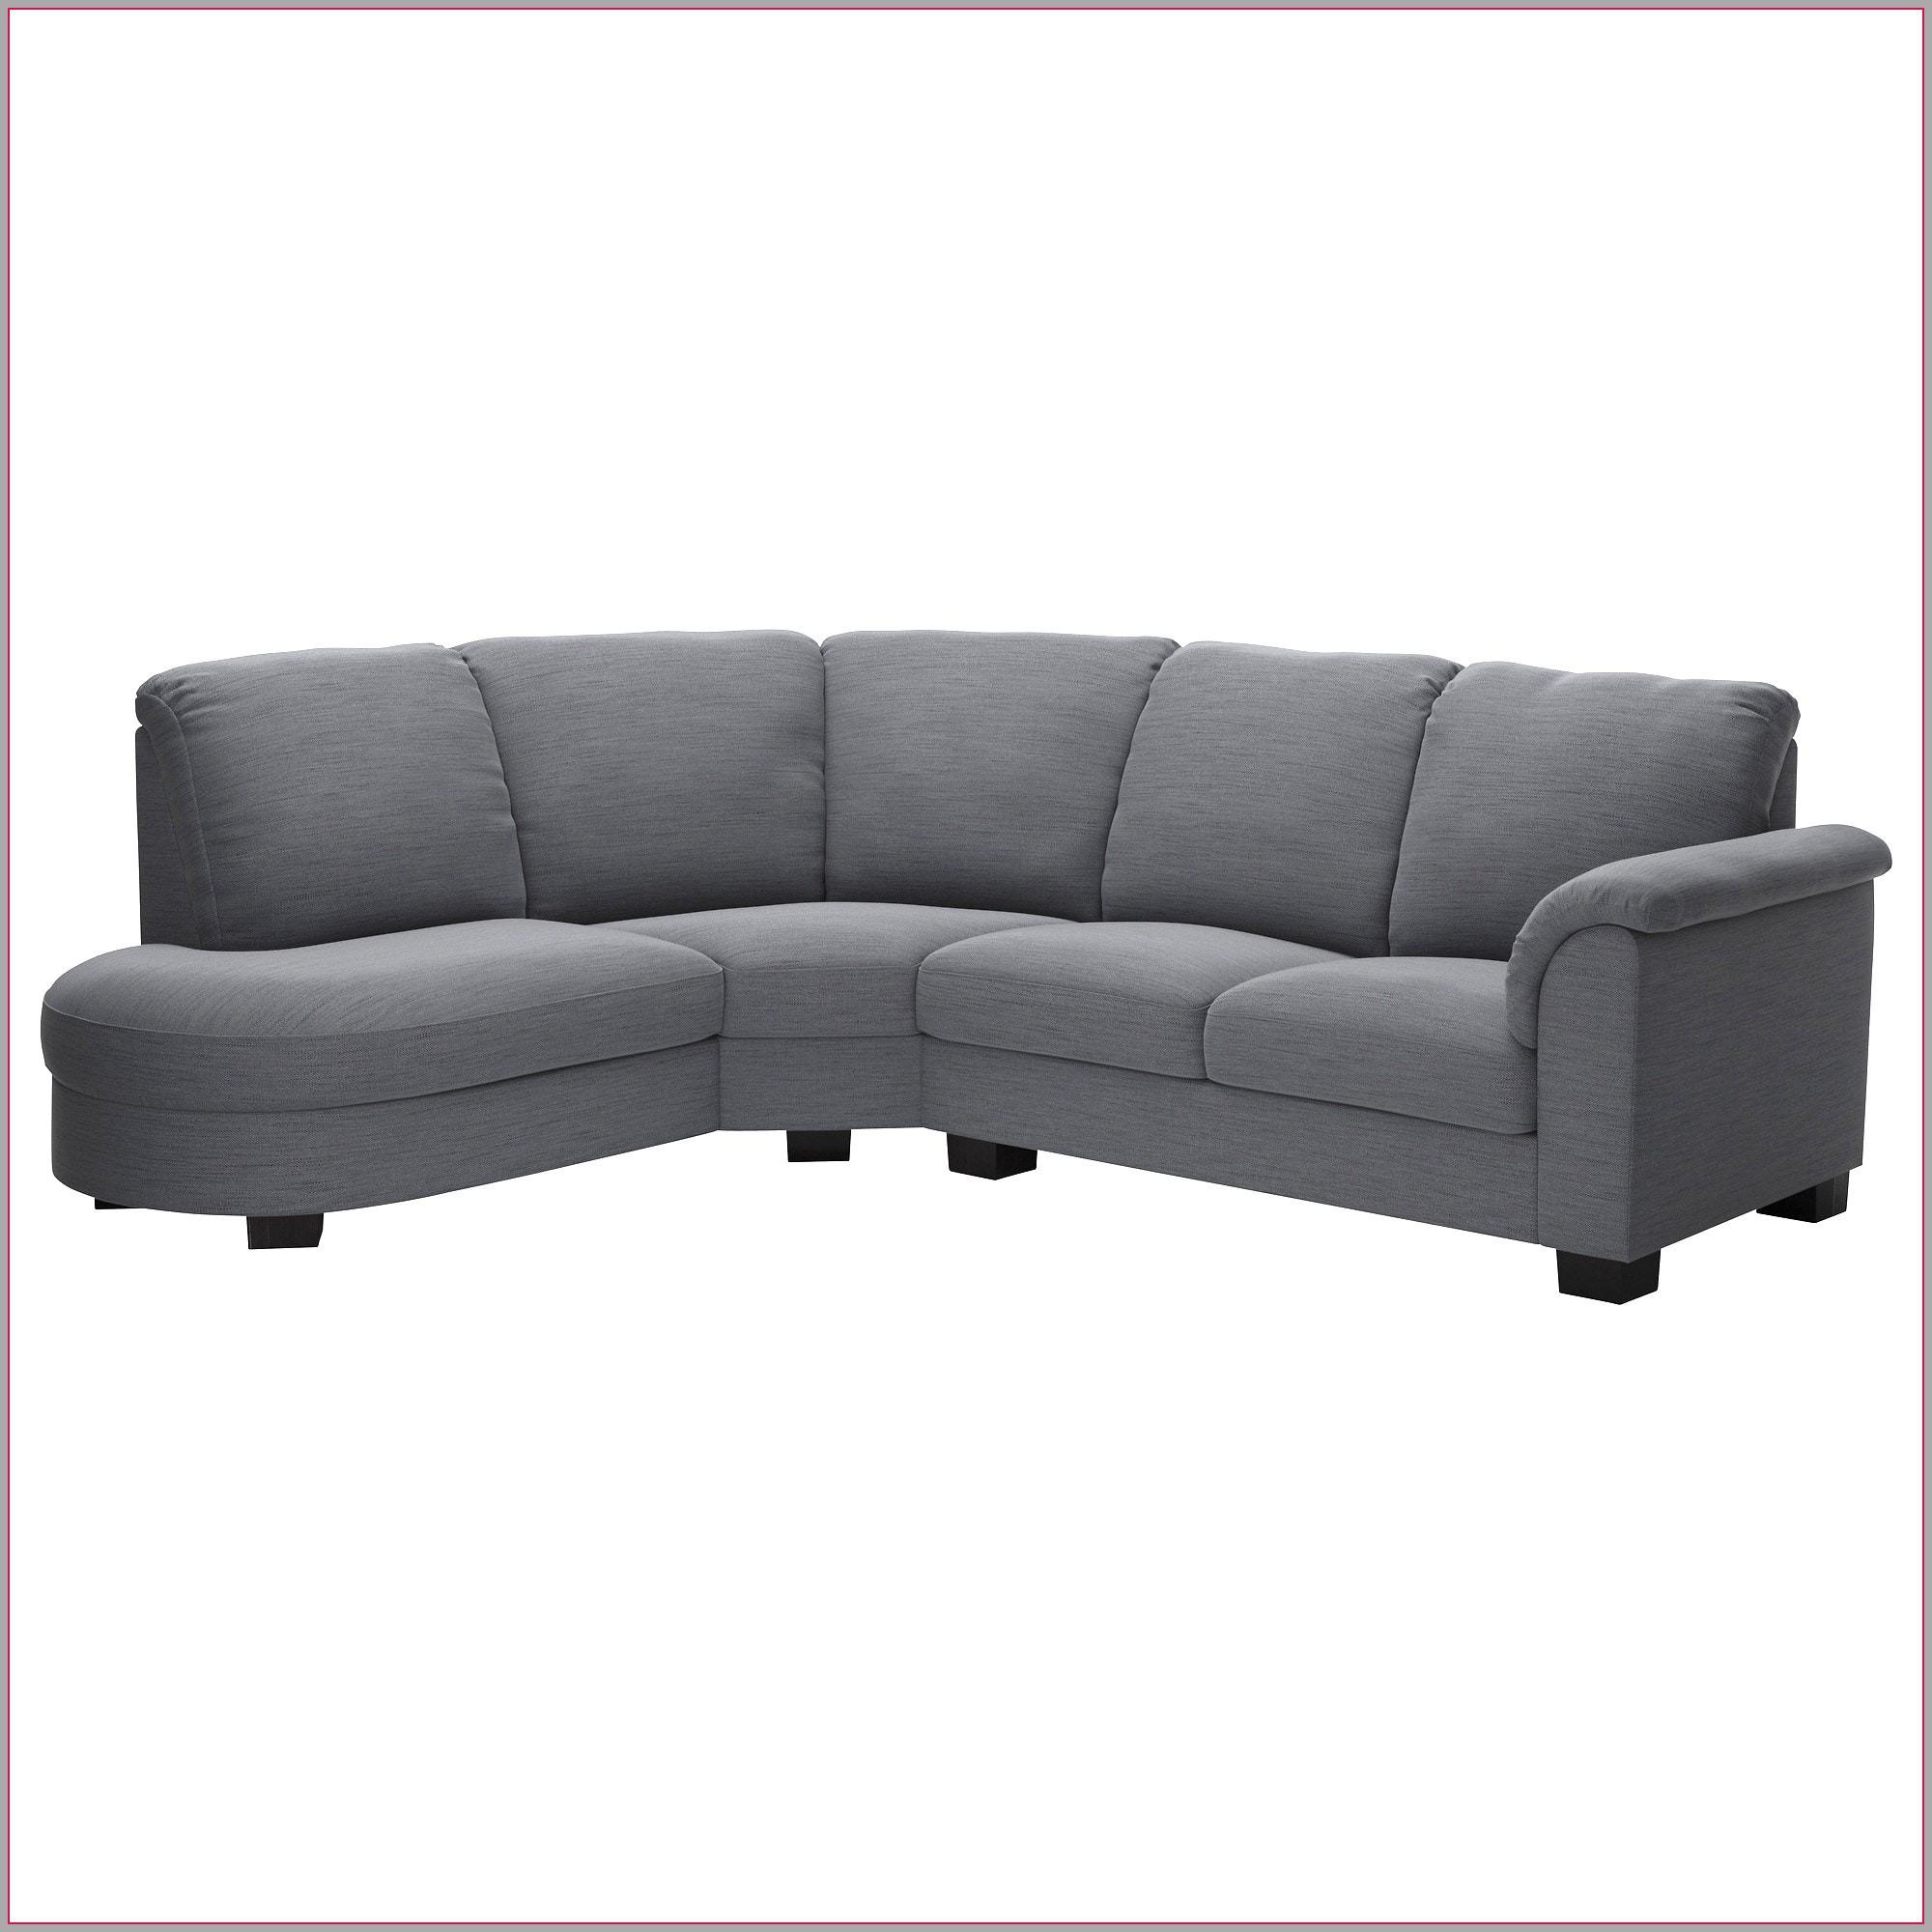 meuble dos de canape canape jardin 2 places awesome canape fly 2 places canape of meuble dos de canape